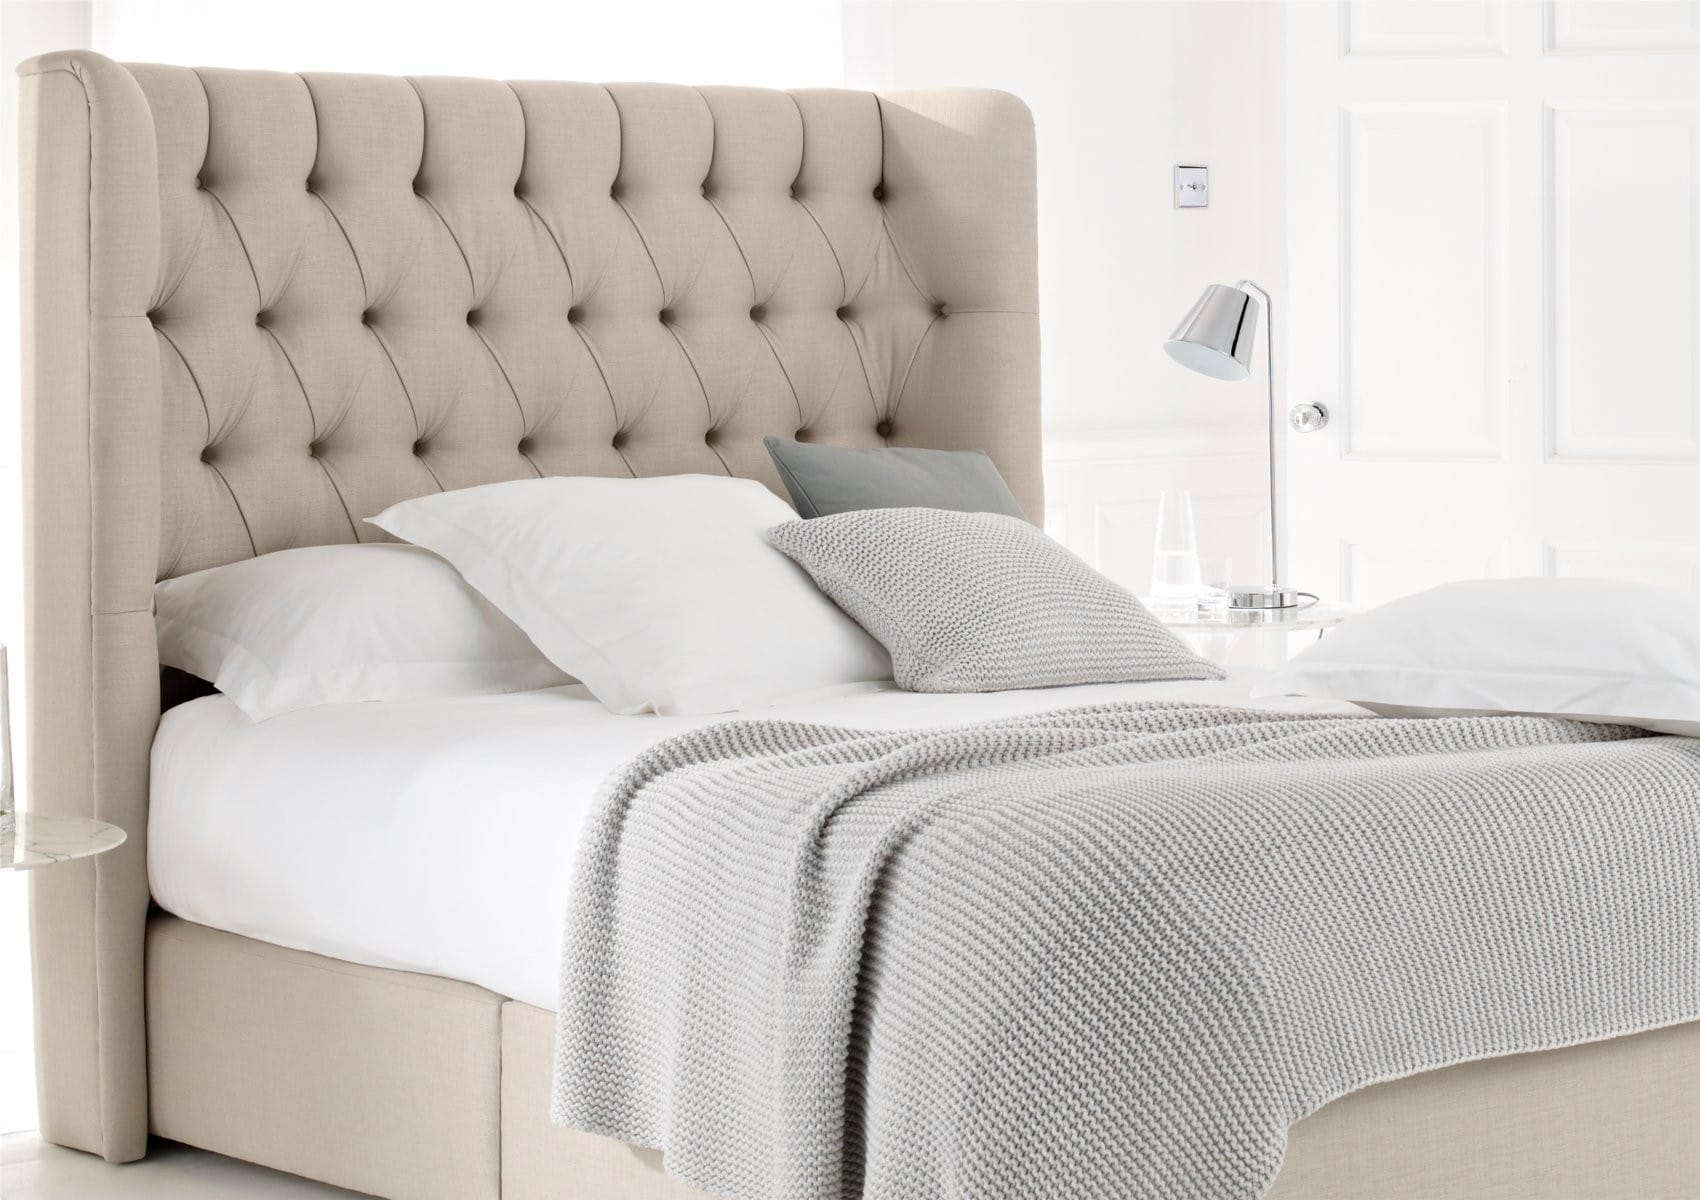 30 cabeceros originales para una cama con estilo estreno for Cabeceros de cama originales